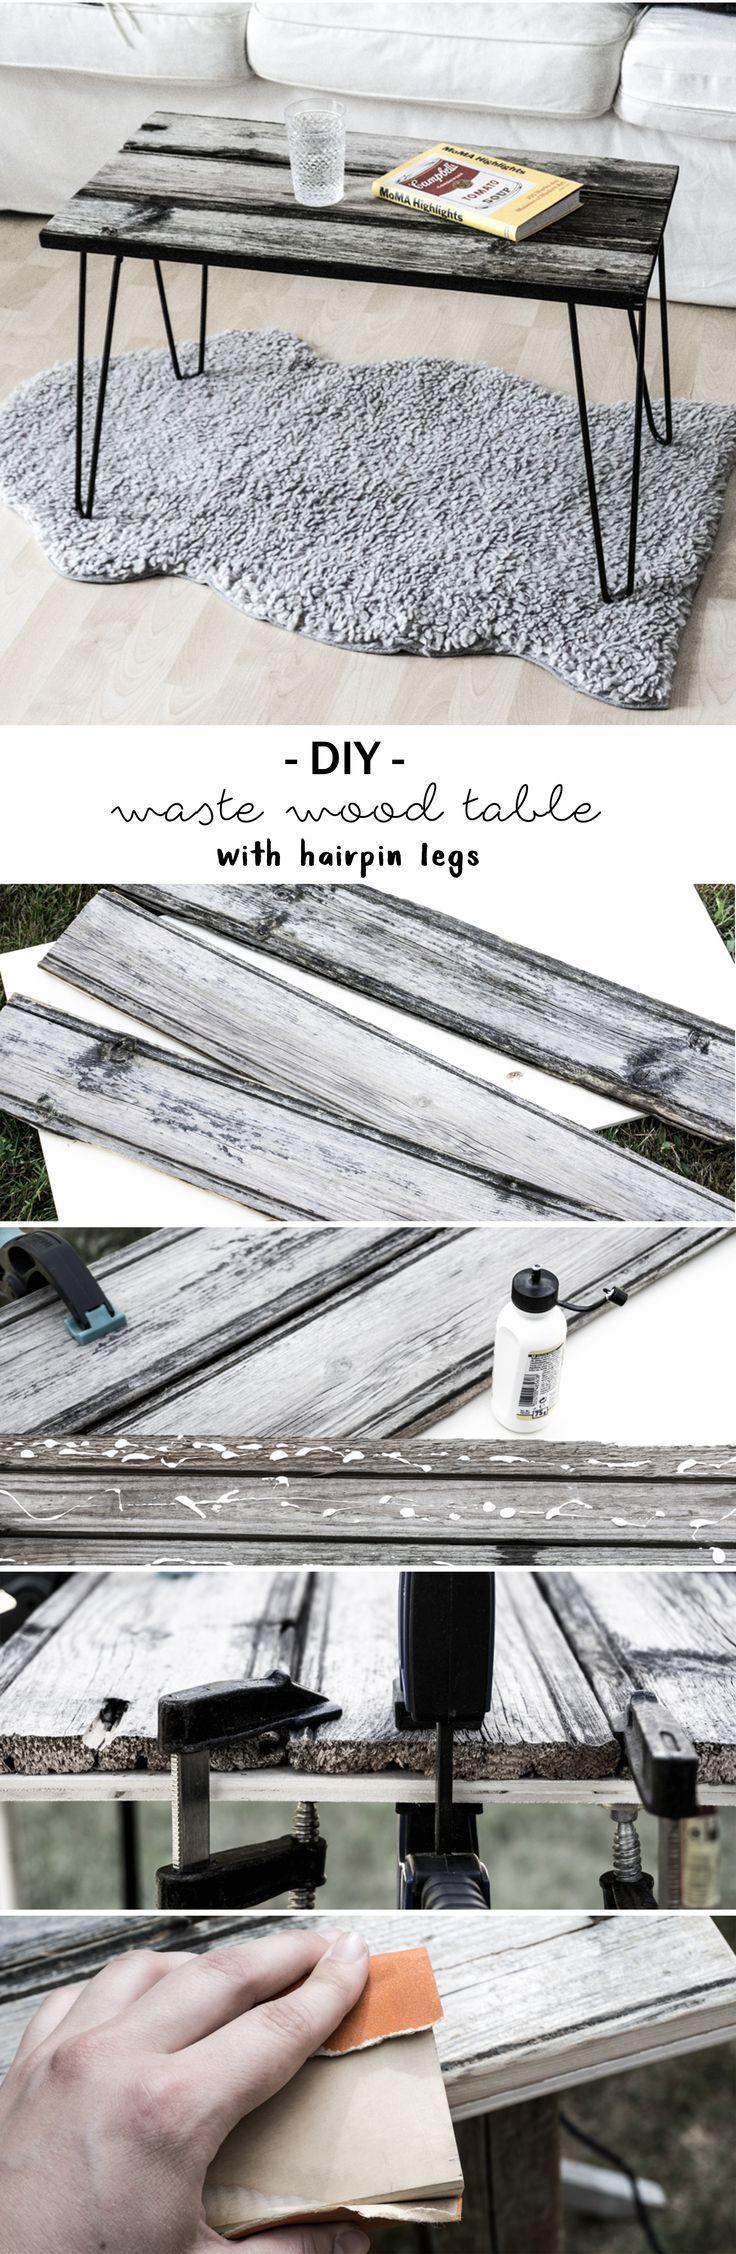 Elegant DIY Tisch aus Altholz mit Hairpin Legs Do it Yourself Idee Anleitung Tutorial